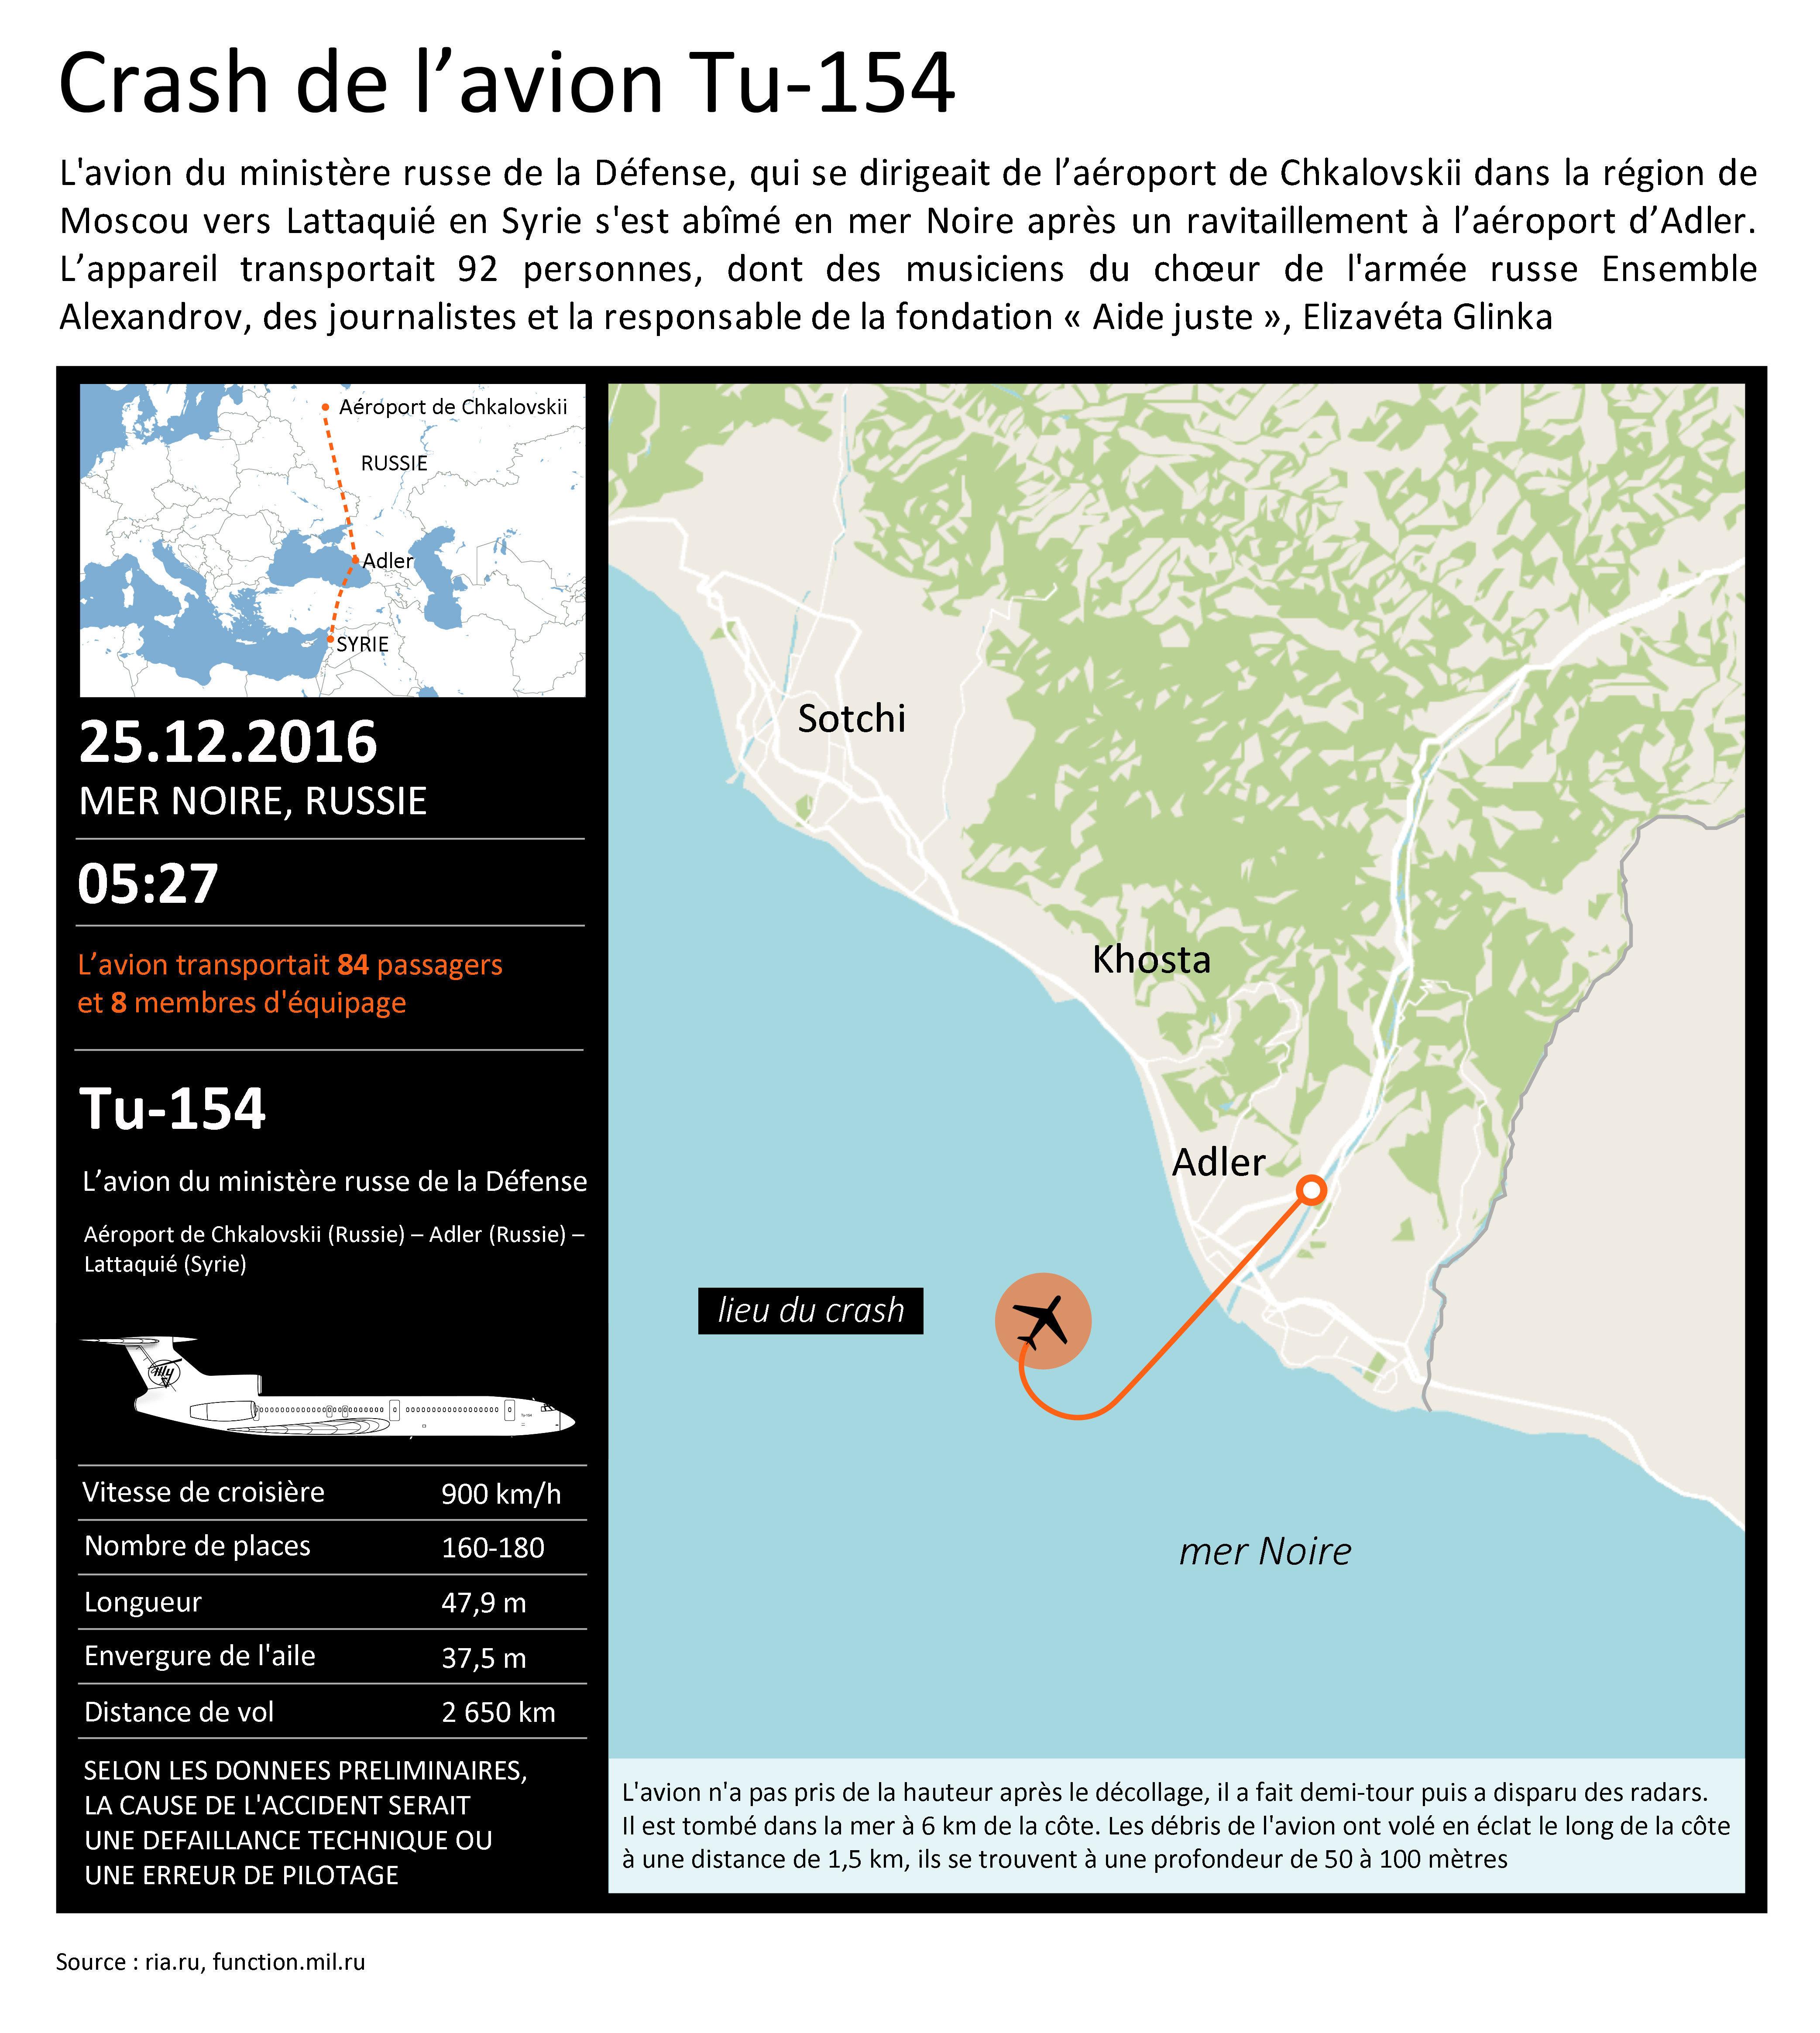 Crash de l'avion Tu-154